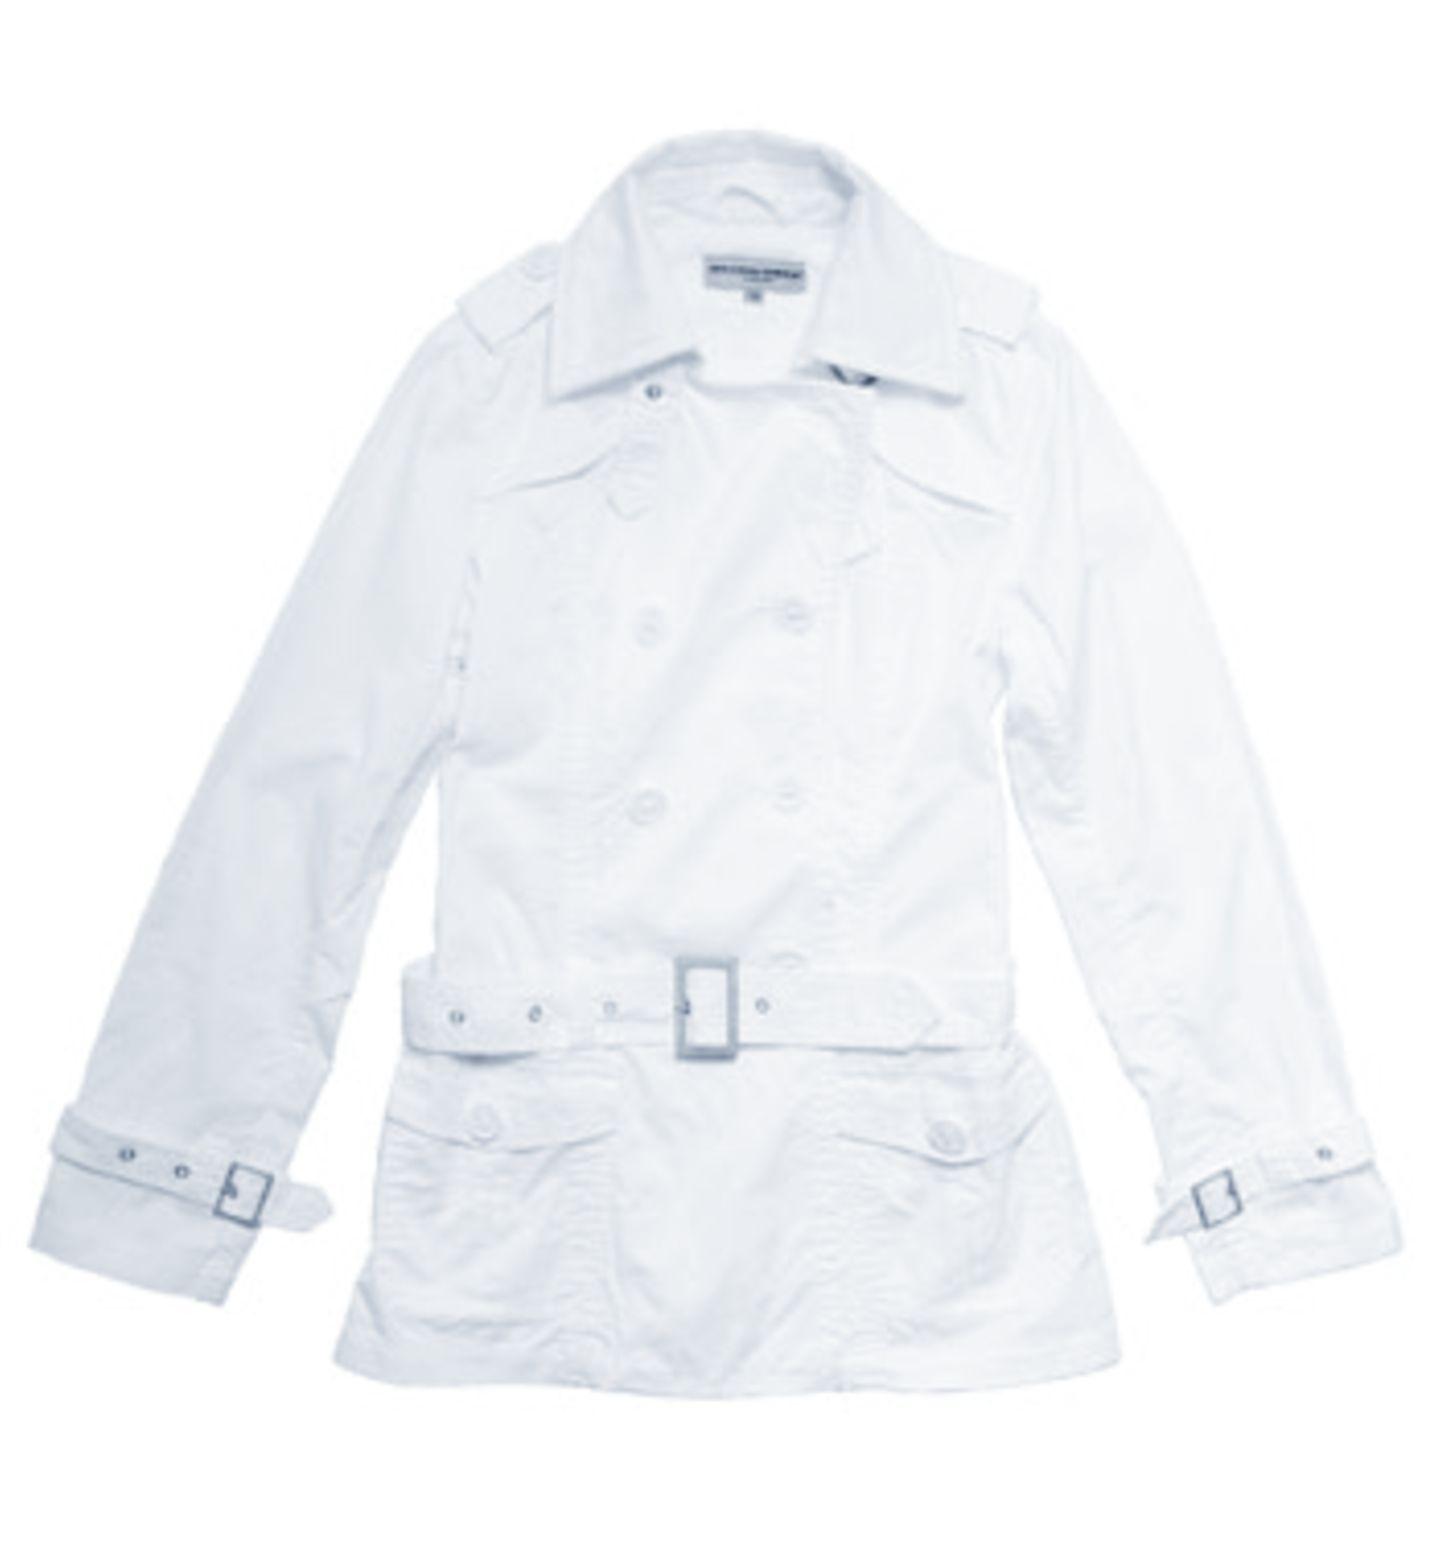 Weißer Trenchcoat; 39,95 Euro; von mister.lady